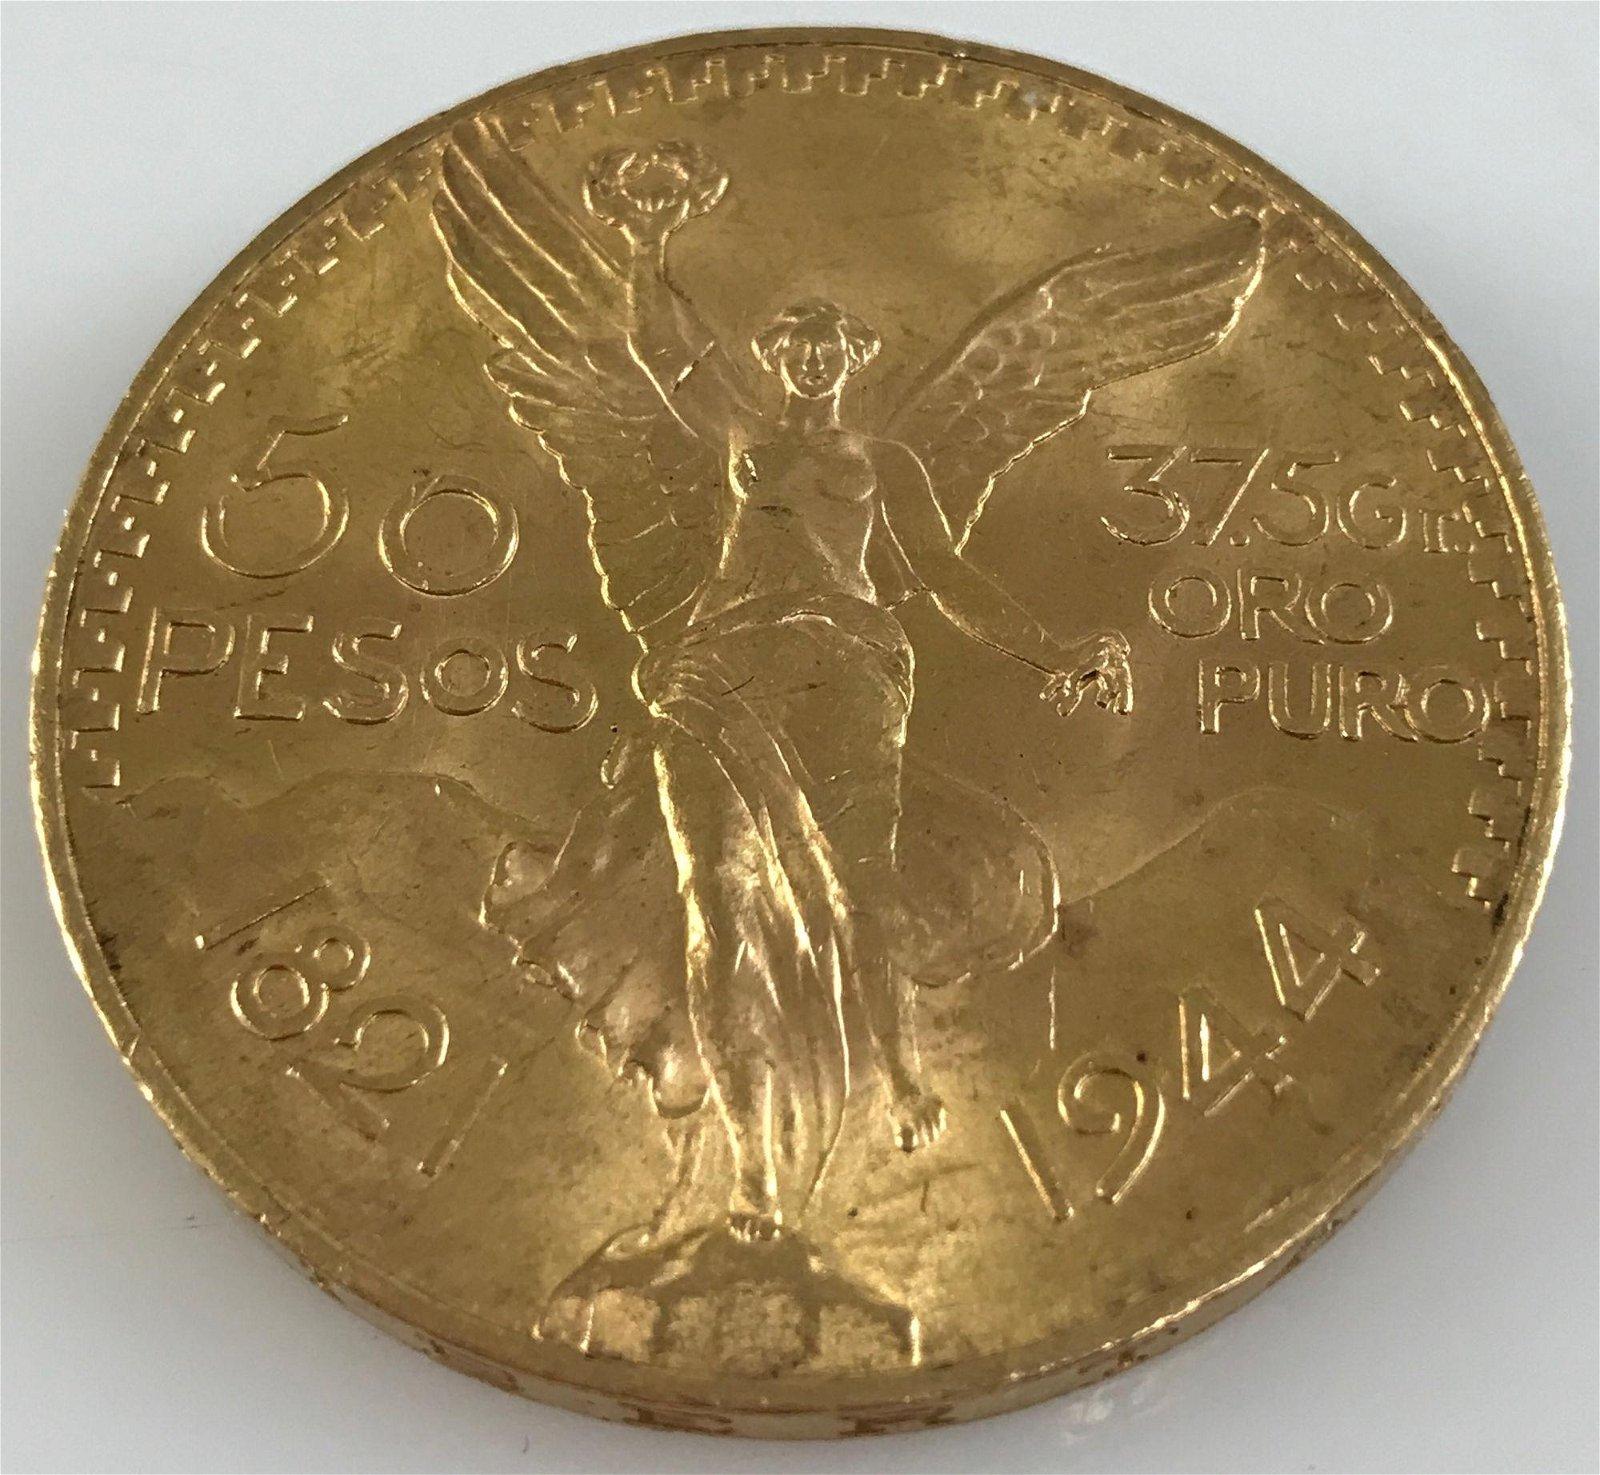 1944 MEXICO 50 PESOS GOLD COIN, .900 GOLD, 41.67g *tax